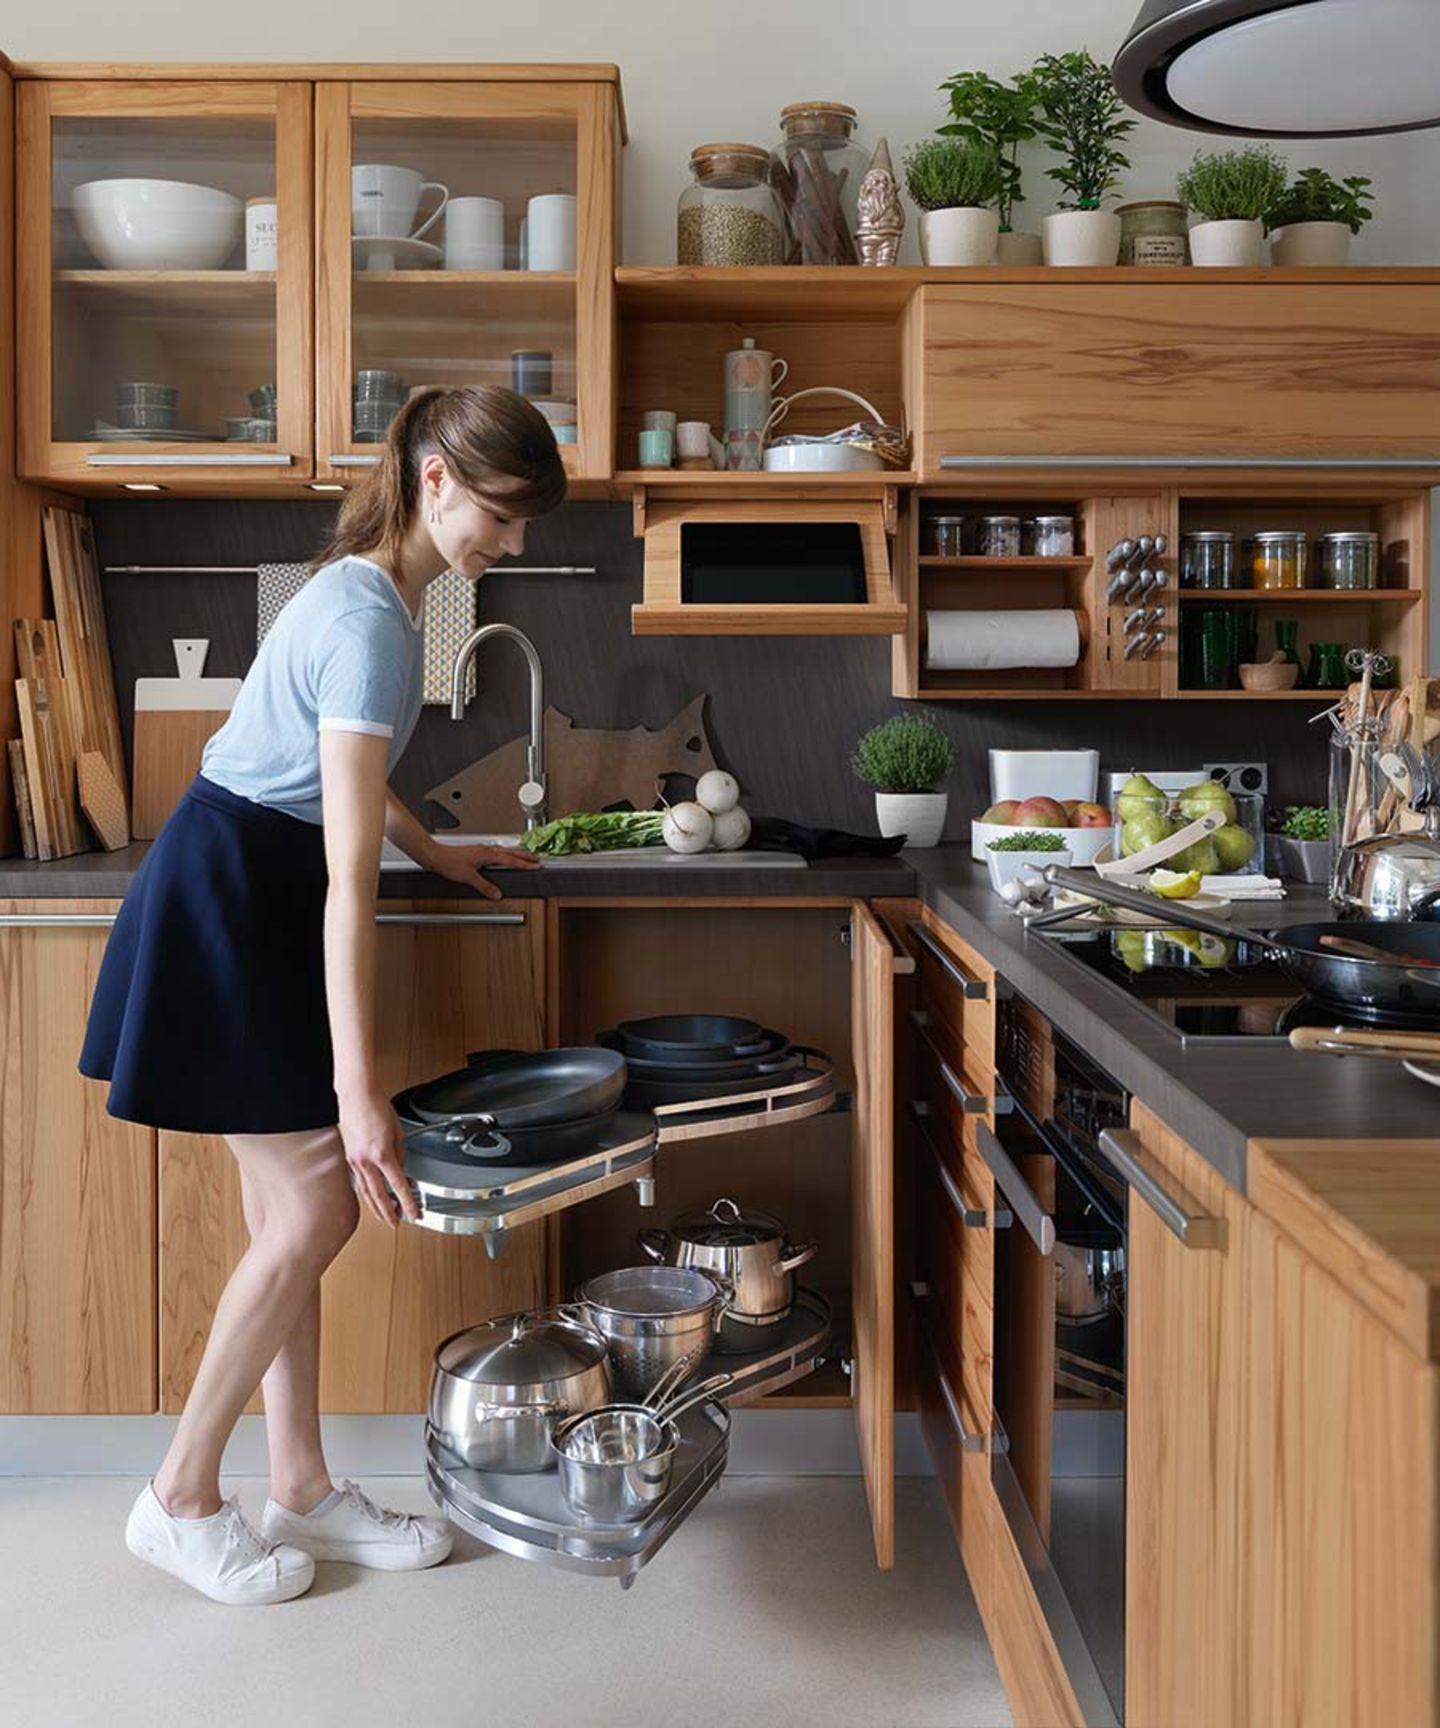 Cucina rondo in legno massello con armadio angolare e pratico elemento estraibile